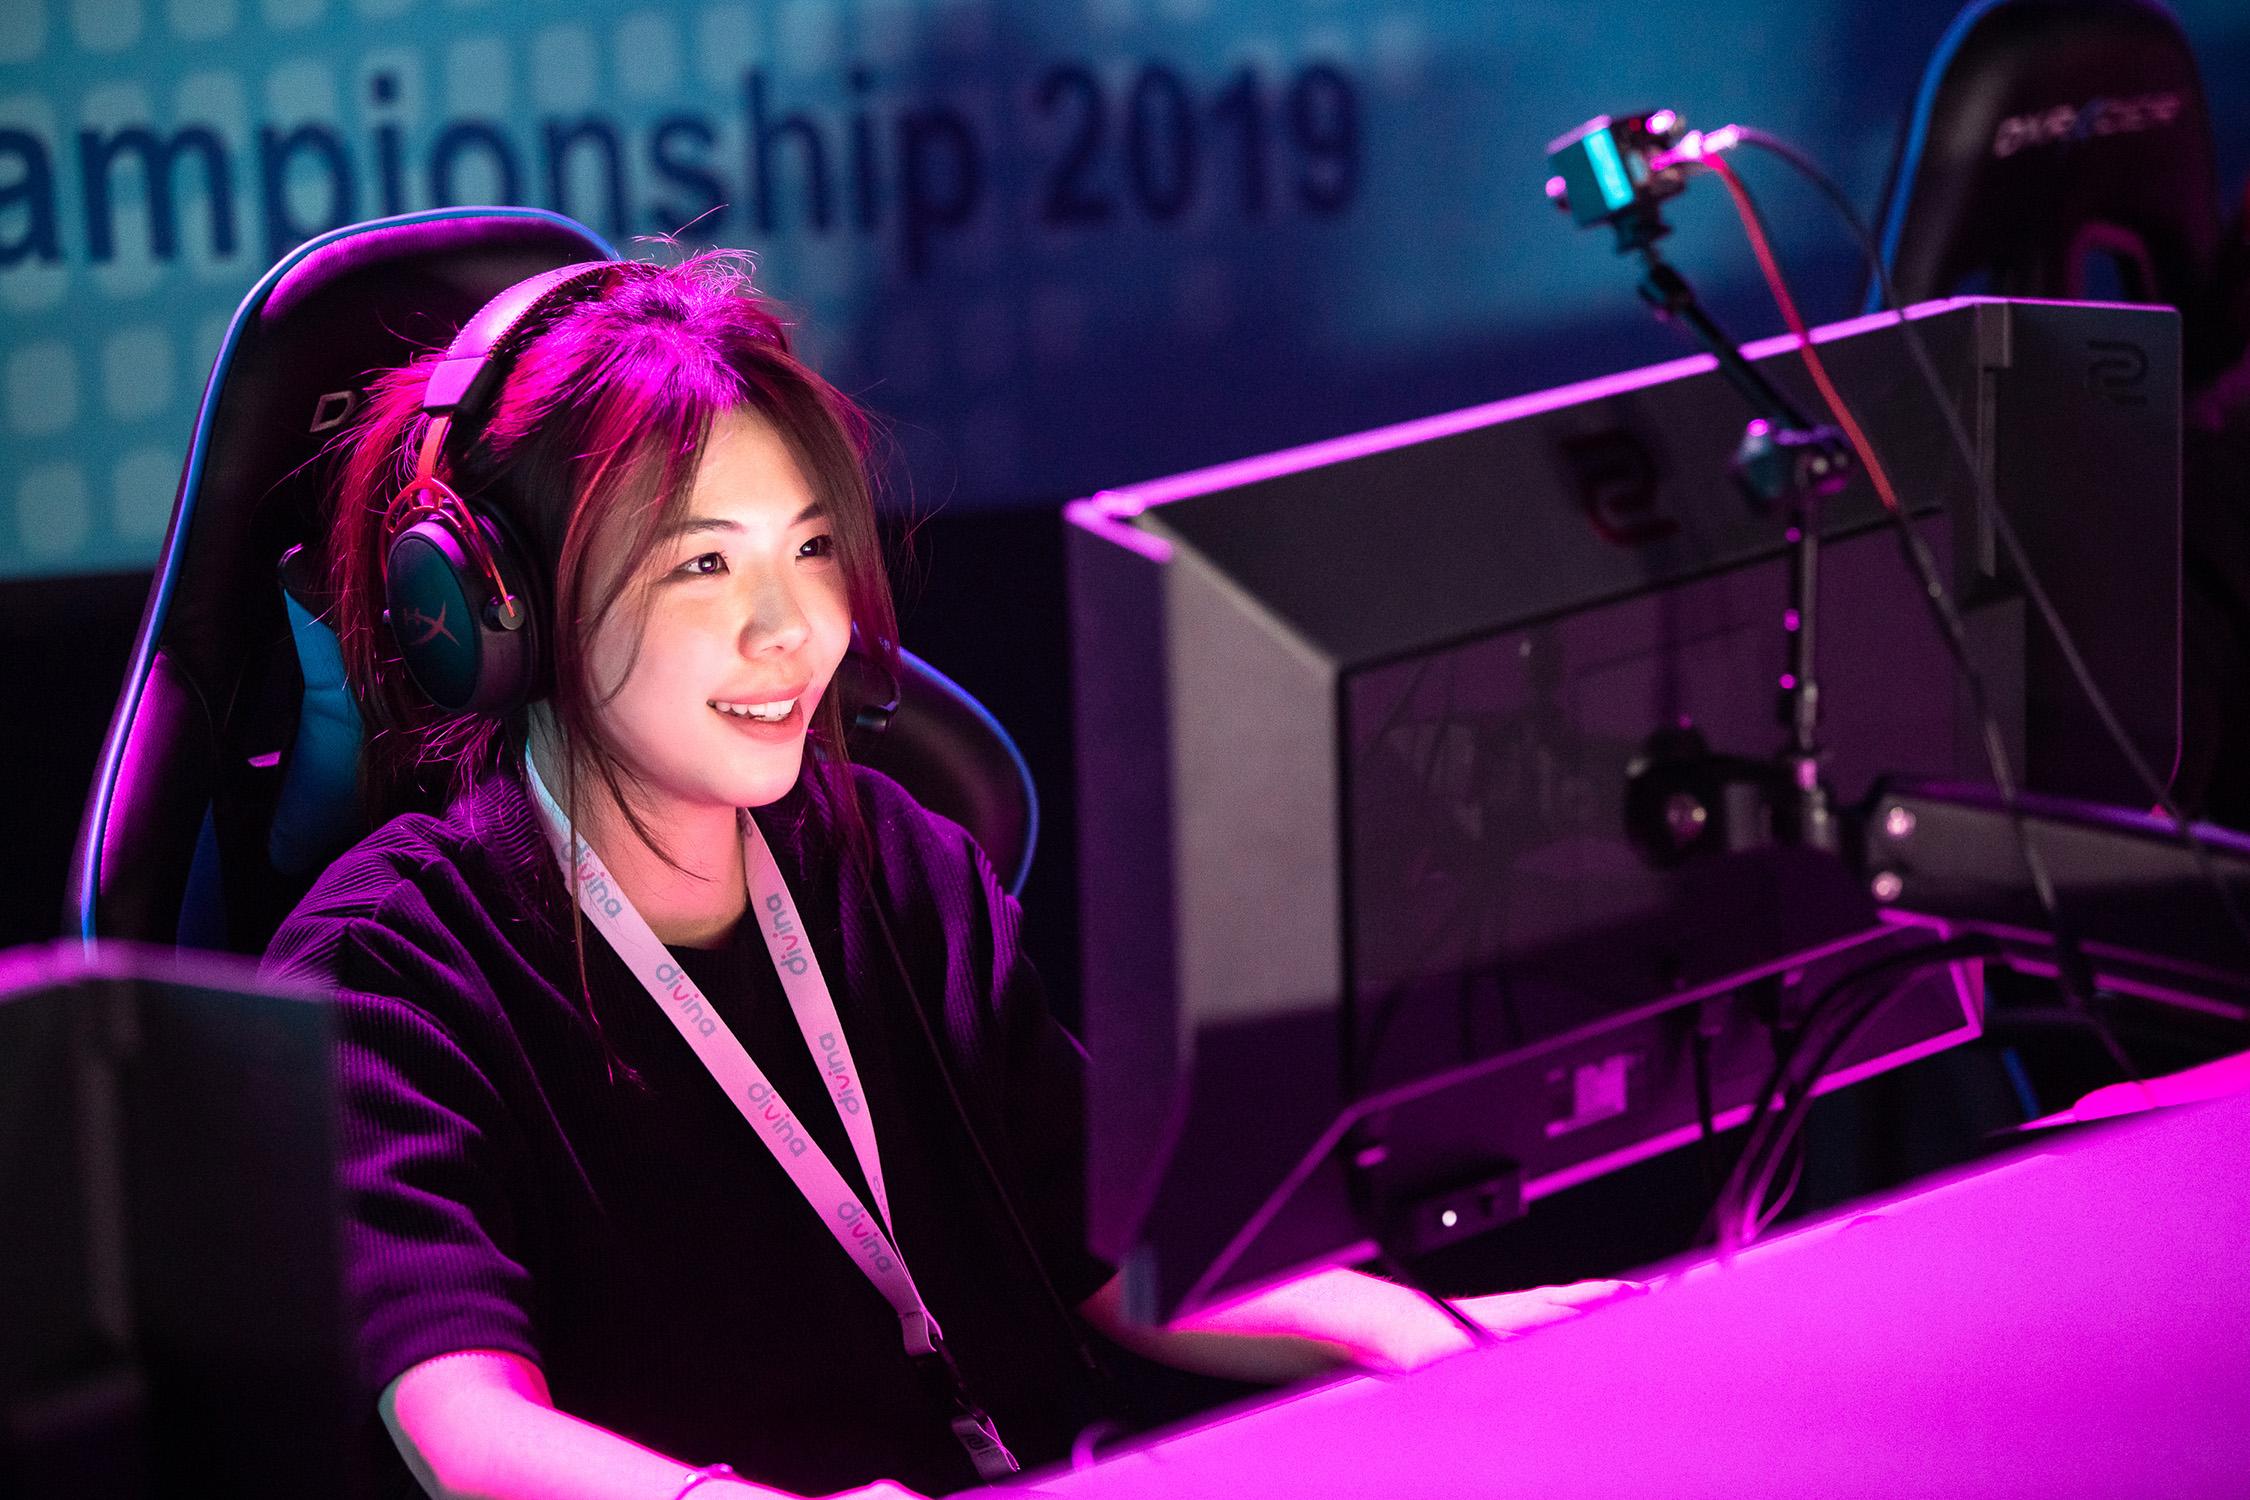 Мужчина переоделся девушкой, чтобы сыграть на женском турнире по CS:GO